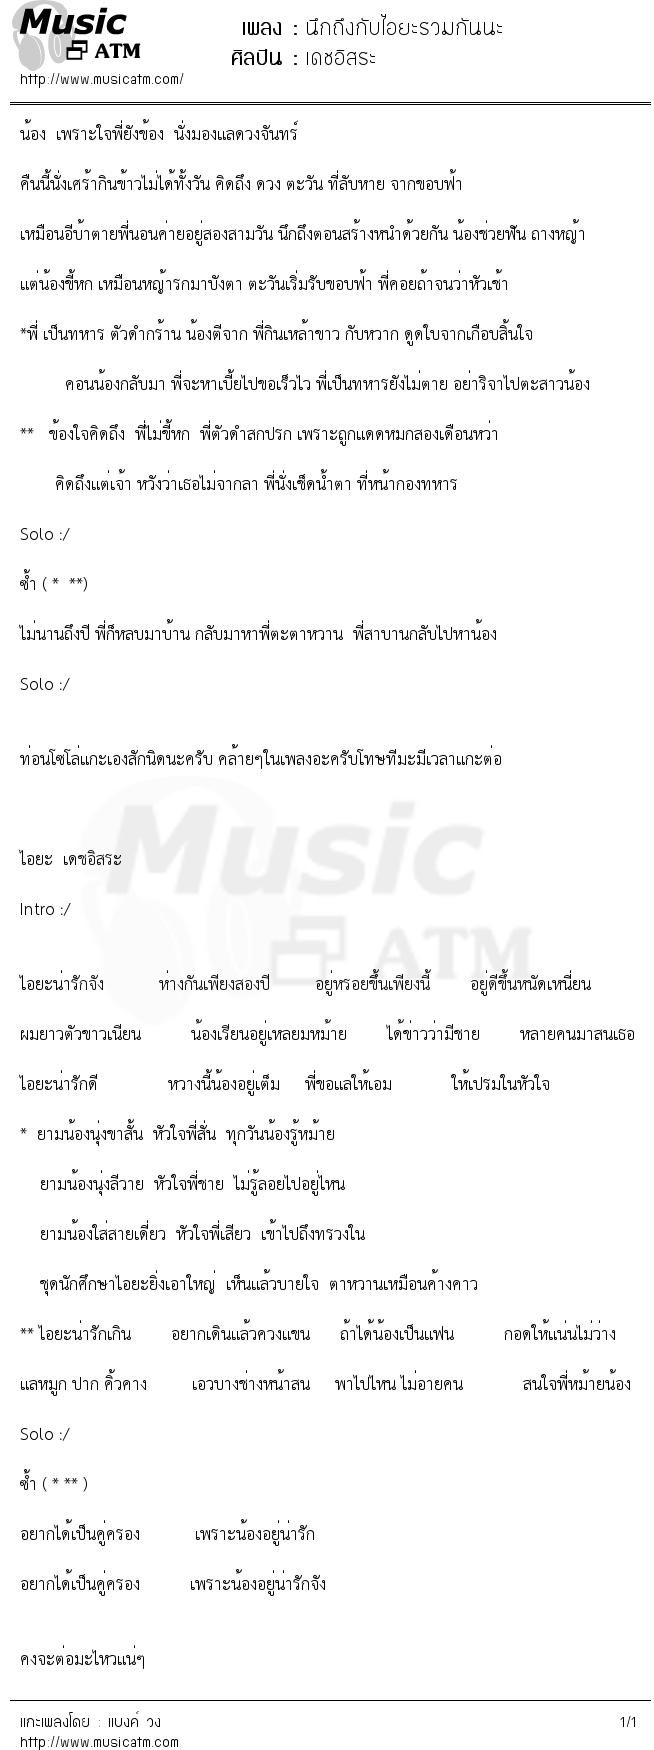 เนื้อเพลง นึกถึงกับไอยะรวมกันนะ - เดชอิสระ | Popasia.net | เพลงไทย